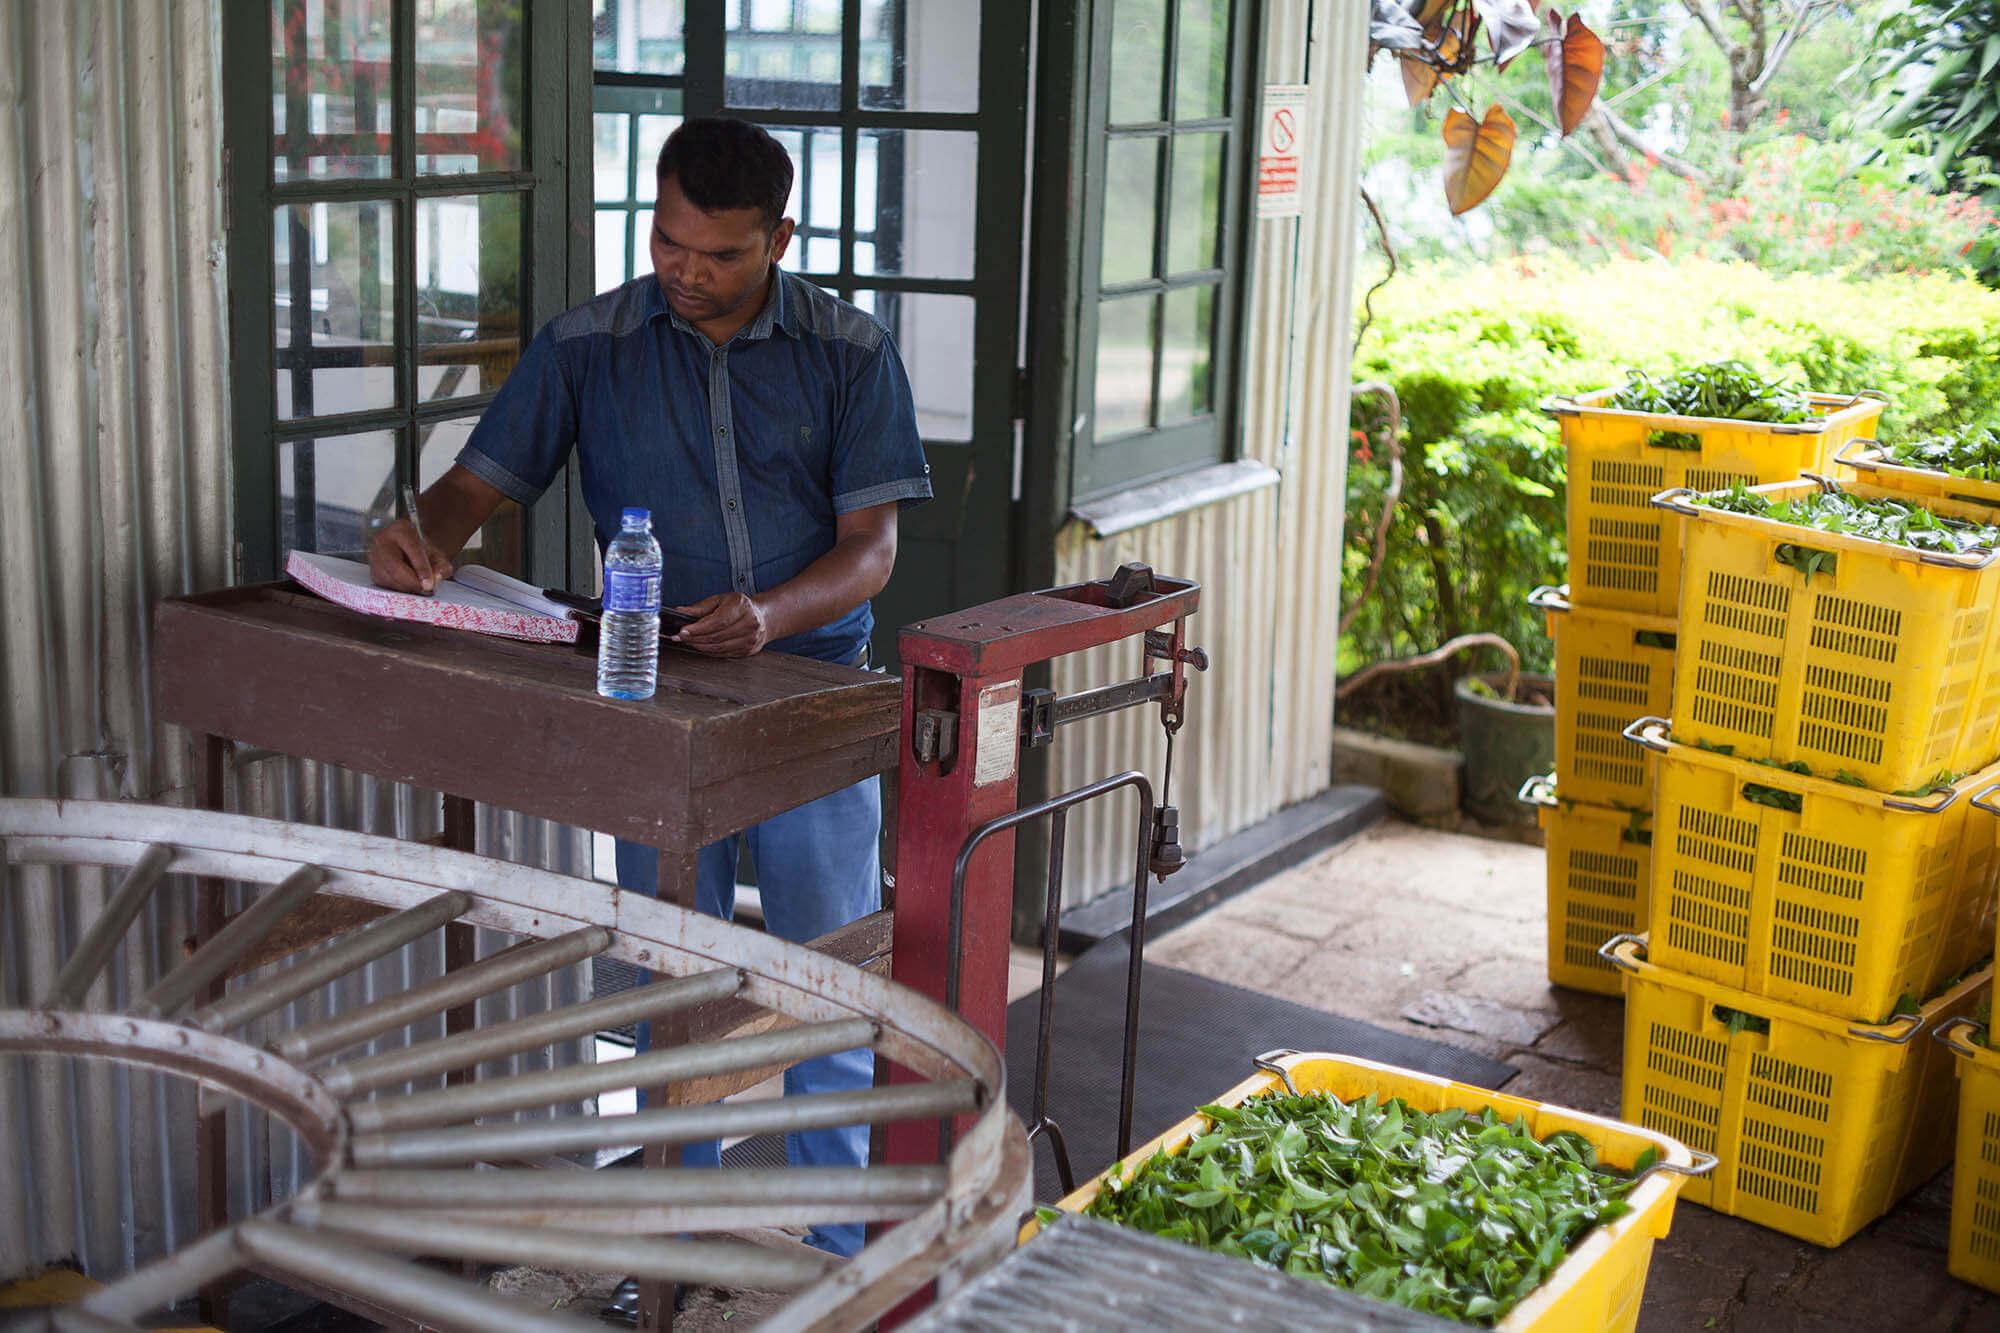 Ważenie herbaty na plantacji herbaty Dunkeld